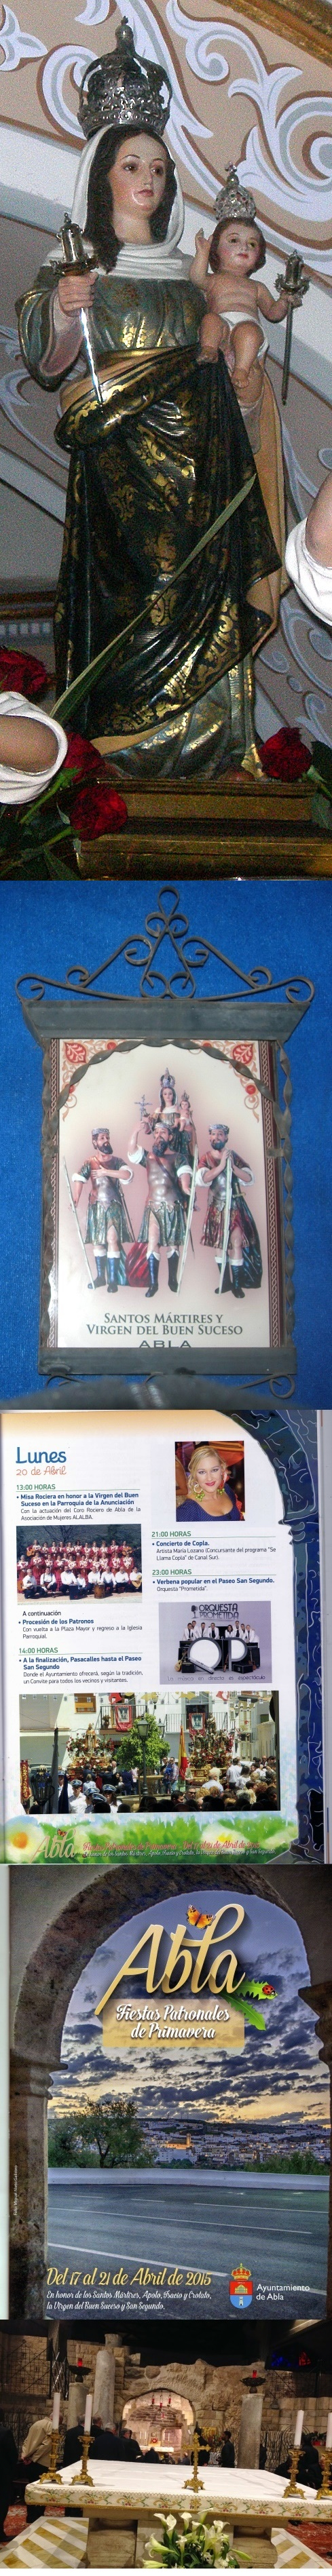 20150422204511-santos-martires-isacio-crotato-y-apolo-y-virgen-del-buen-suceso-paranunciacion.jpg